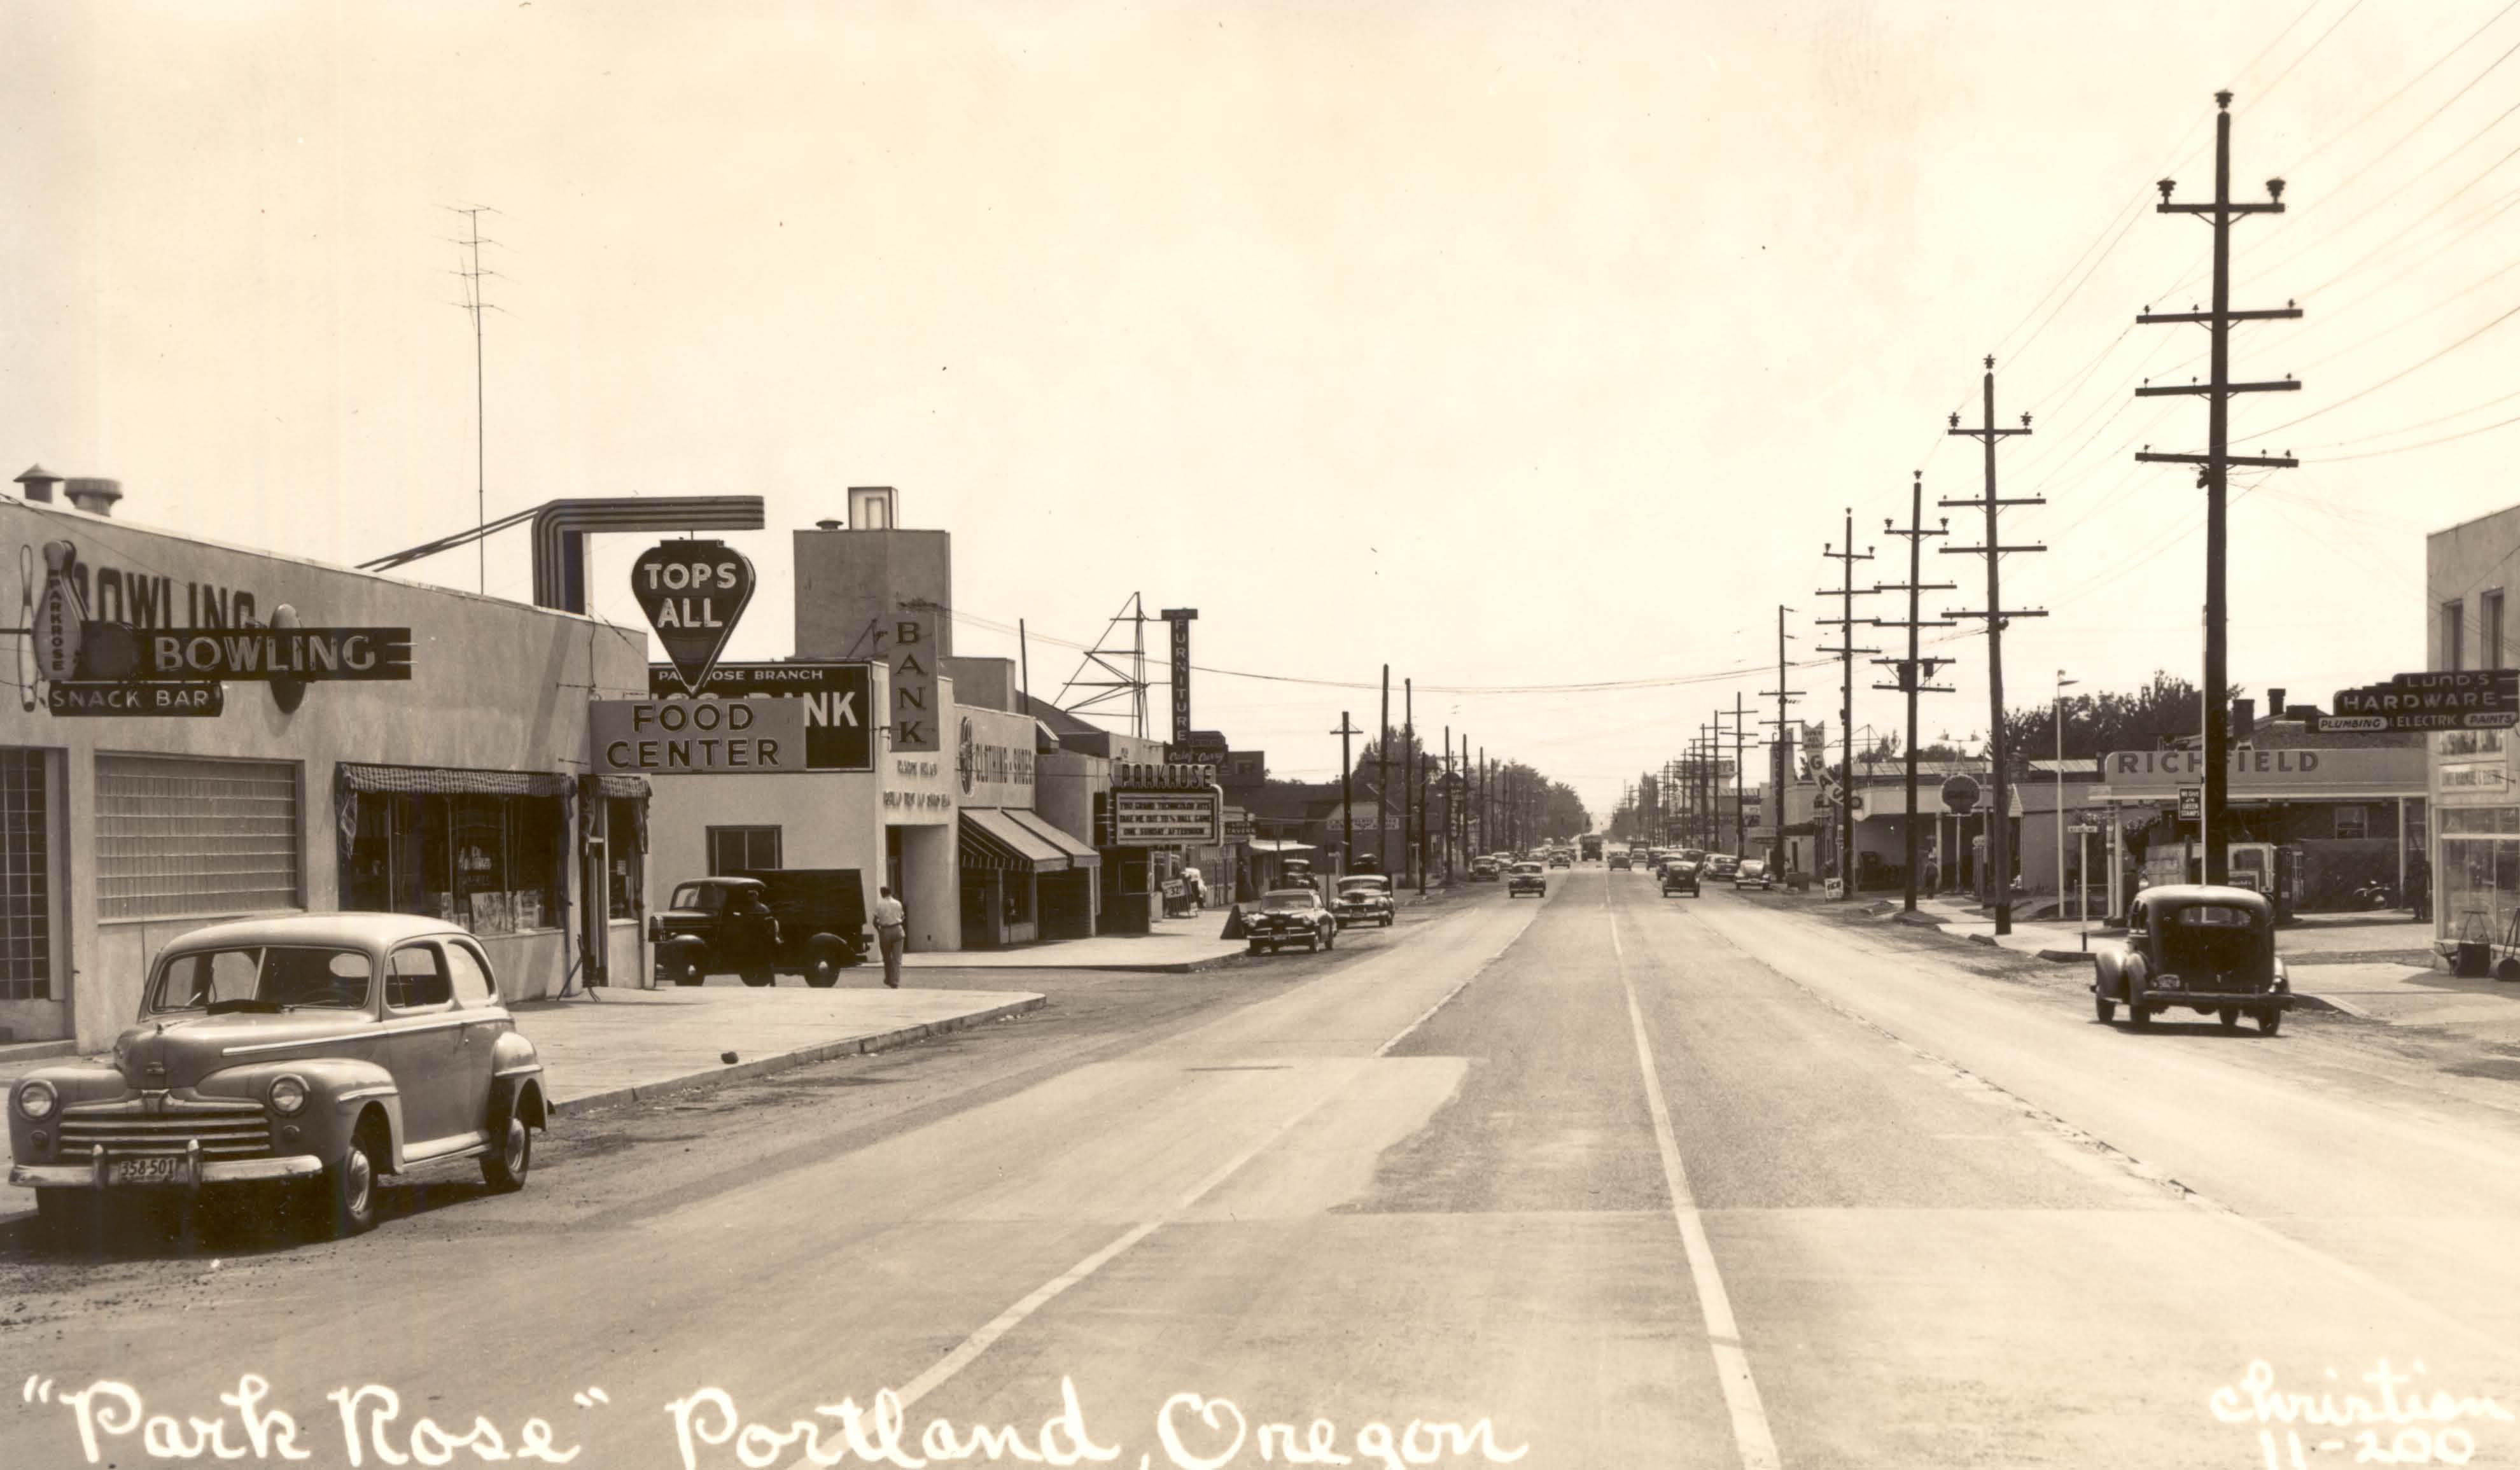 Parkrose 1949 Vintage Portland